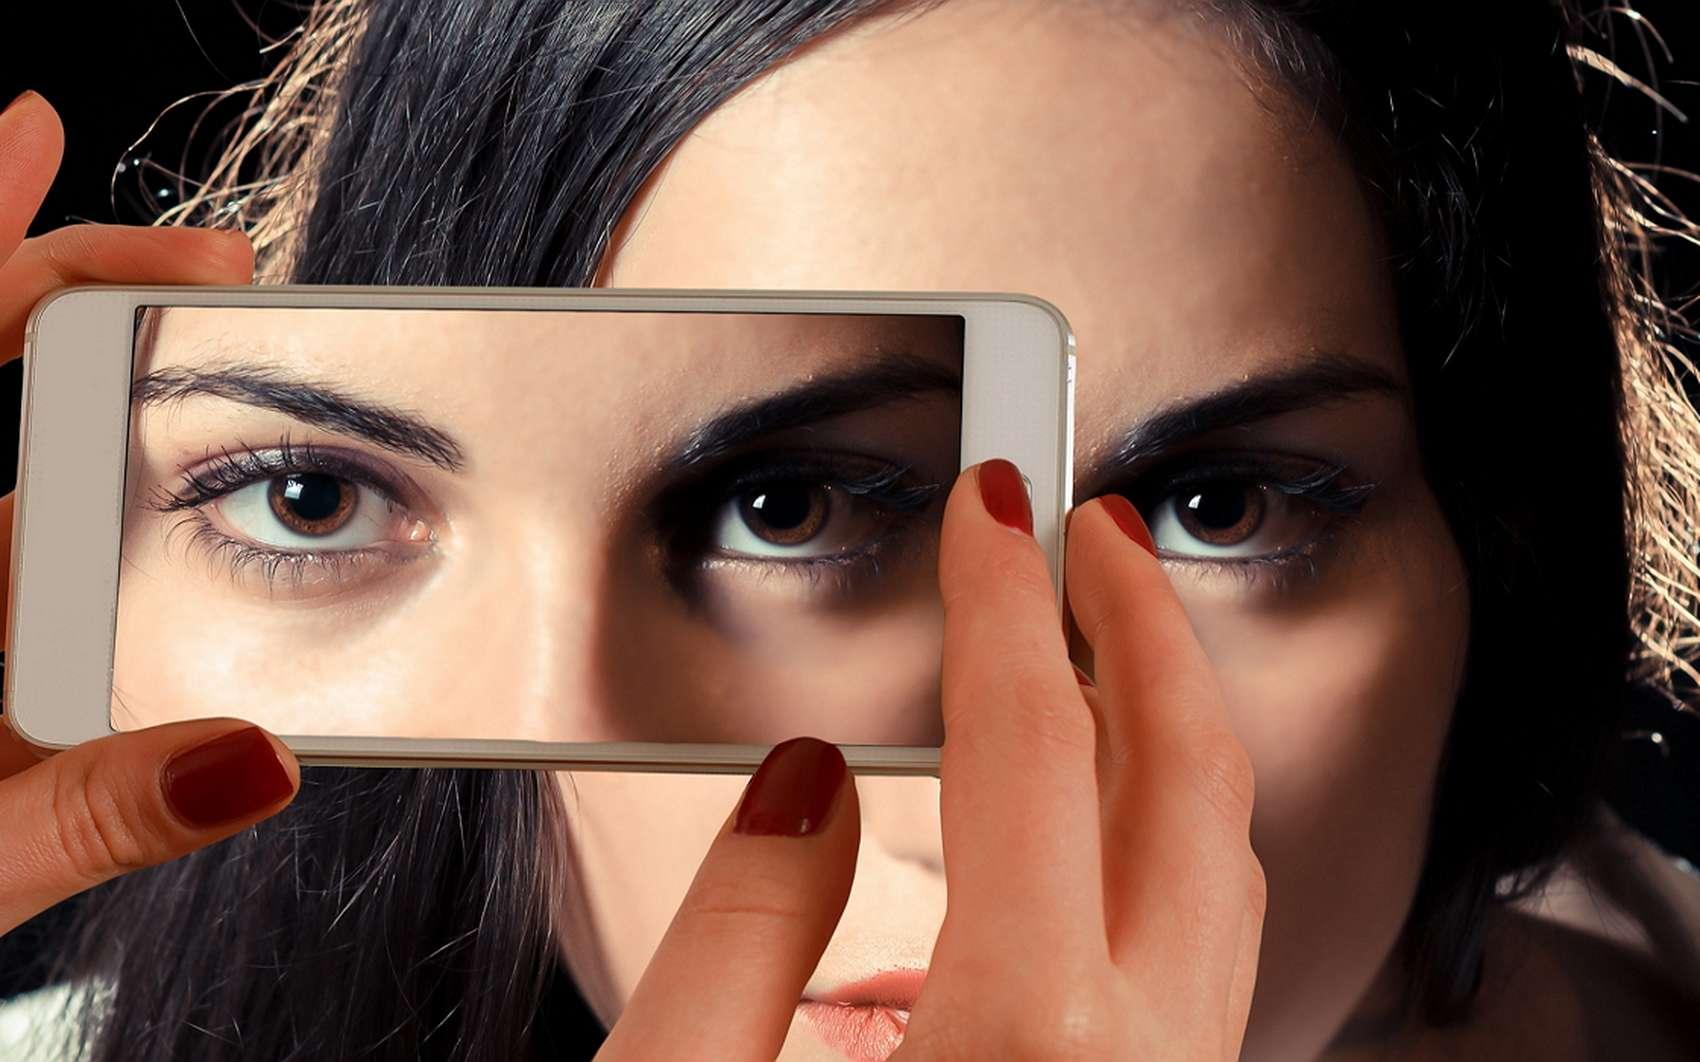 Futura vous présente les meilleures applications pour remplacer l'appareil photo de votre smartphone. © pxhere.com